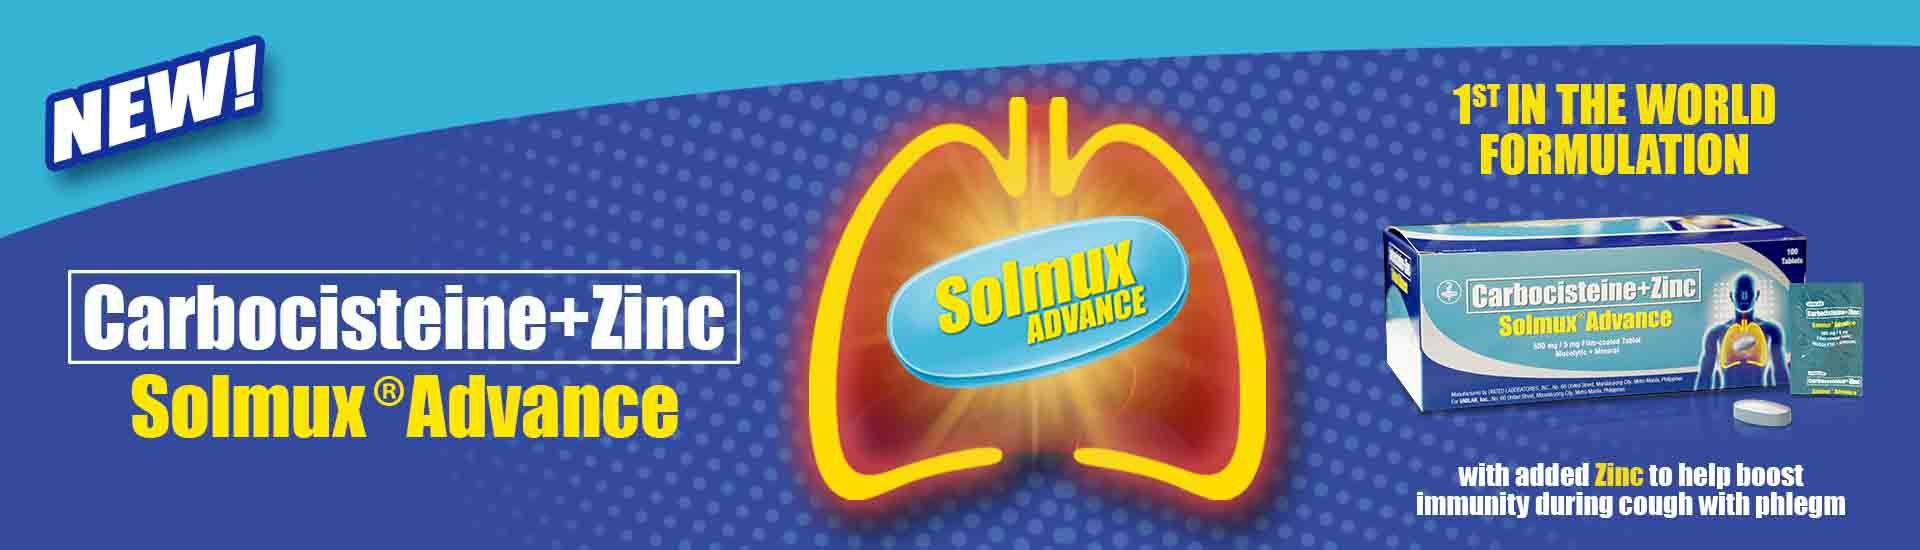 Solmux Advance